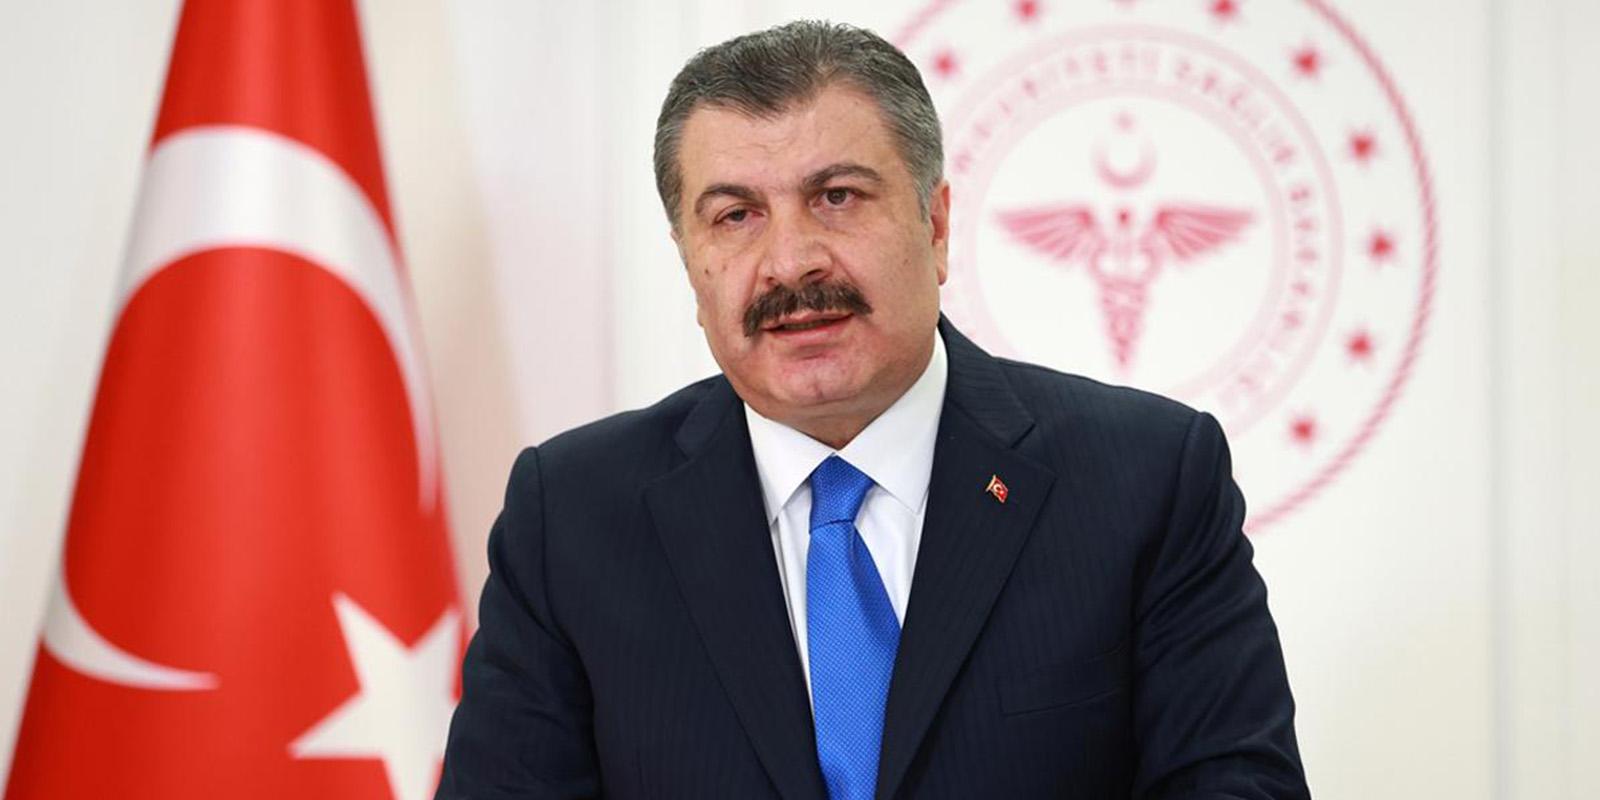 SON DAKİKA! Sağlık Bakanı Koca, vaka sayısı en çok azalan illeri açıkladı!